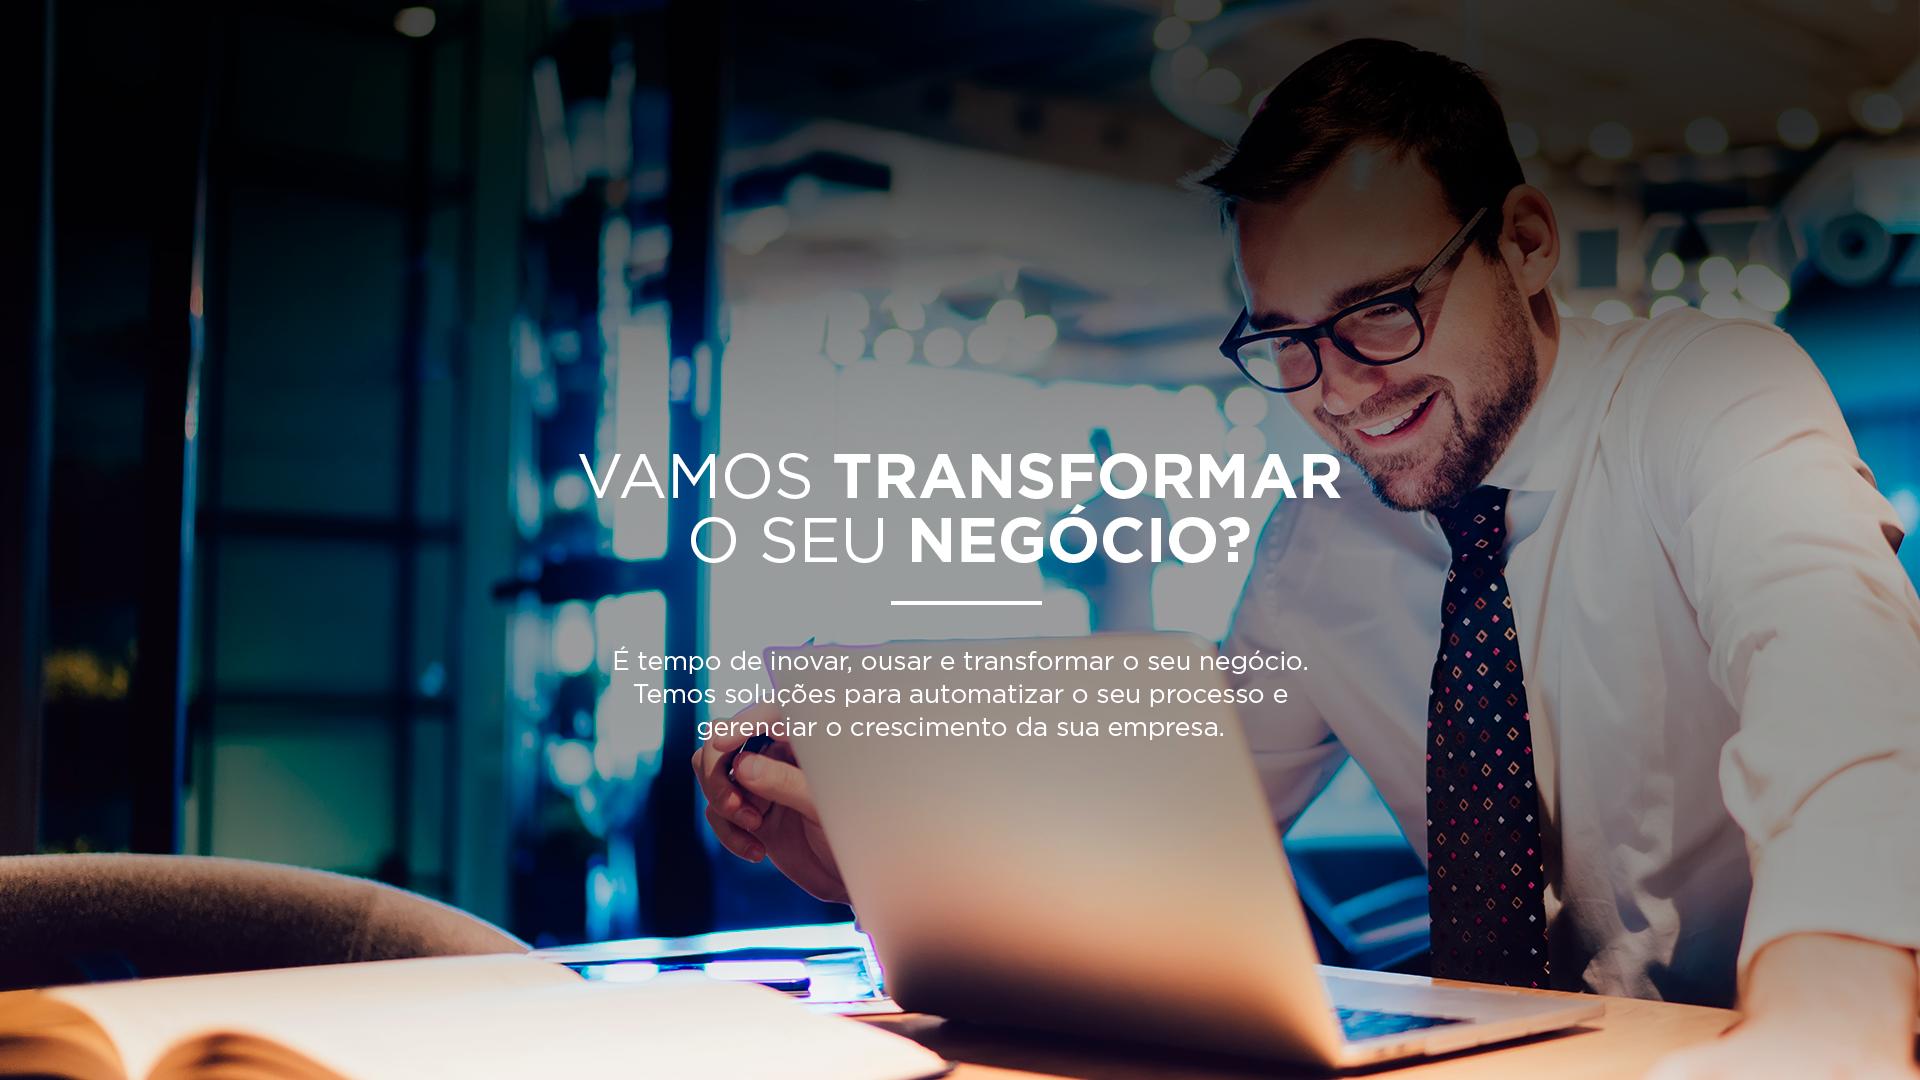 Para os desafios do seu negócio, conte conosco. Acreditamos no poder da transformação da tecnologia, das pessoas e melhorias dos processos para alcançar o sucesso!